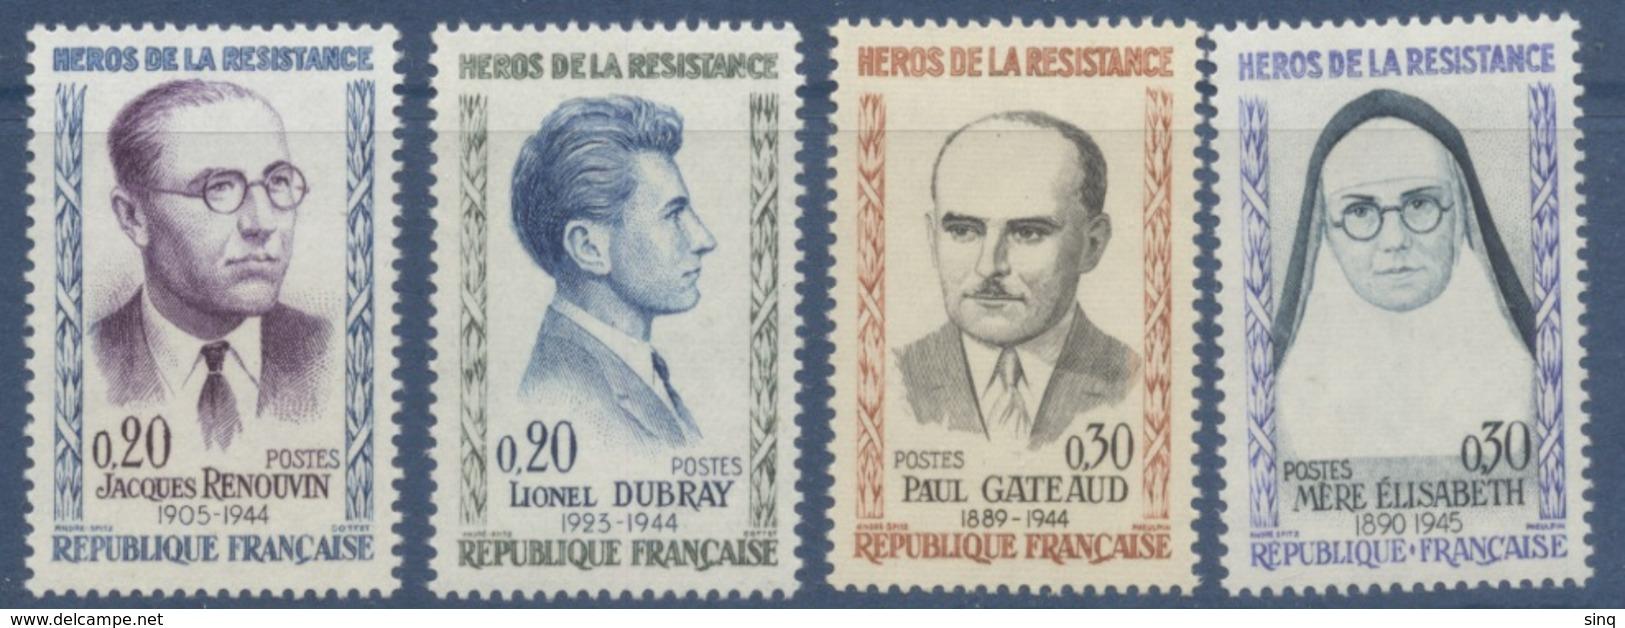 N° 1288 à 1291 Héros De La Résistance 5e Série - France